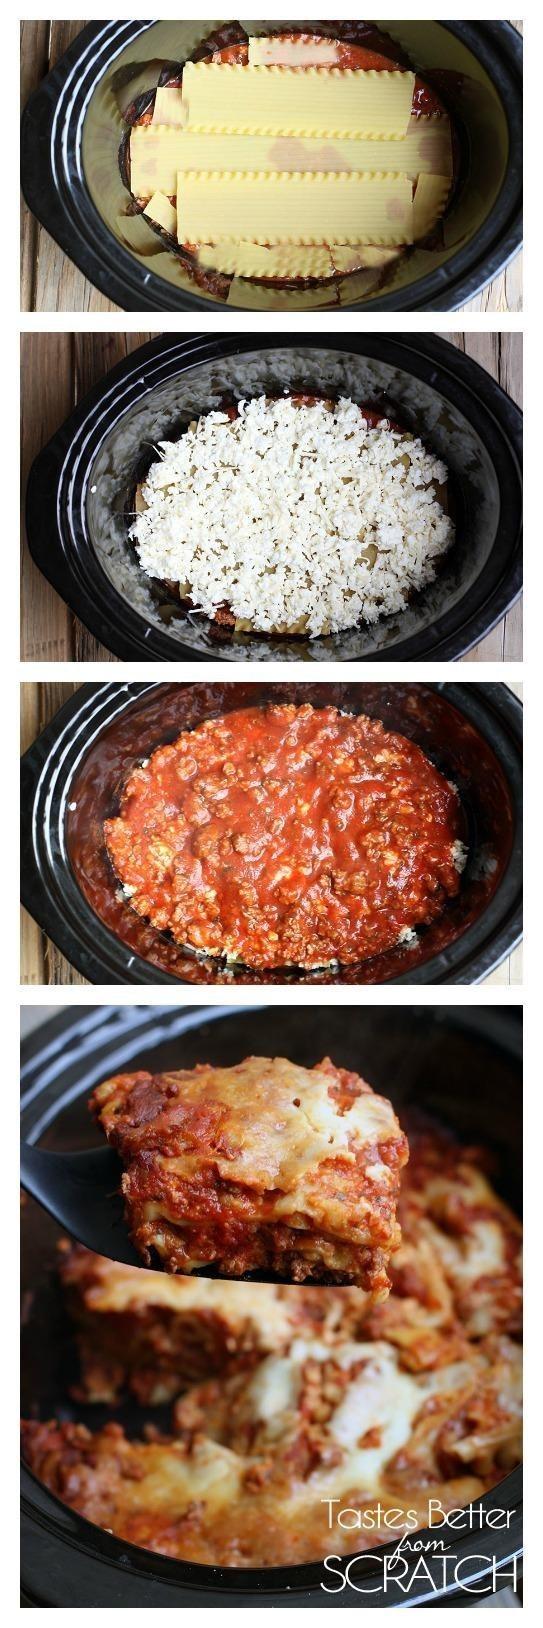 superior top crock pot recipes Part - 10: superior top crock pot recipes idea